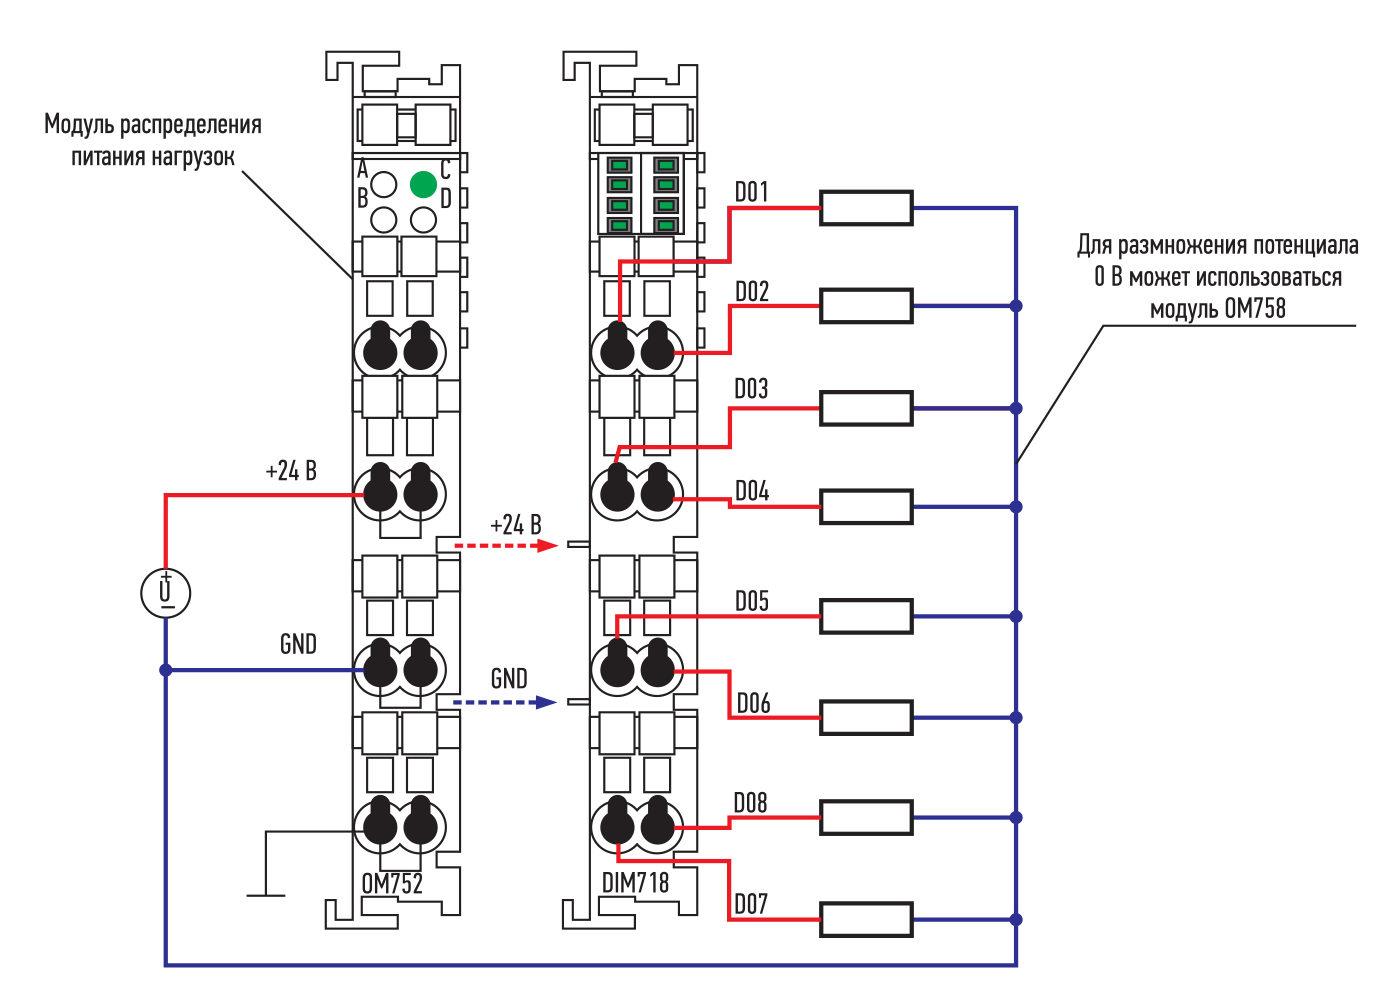 Функциональная схема подключения модуля дискретного вывода DIM713